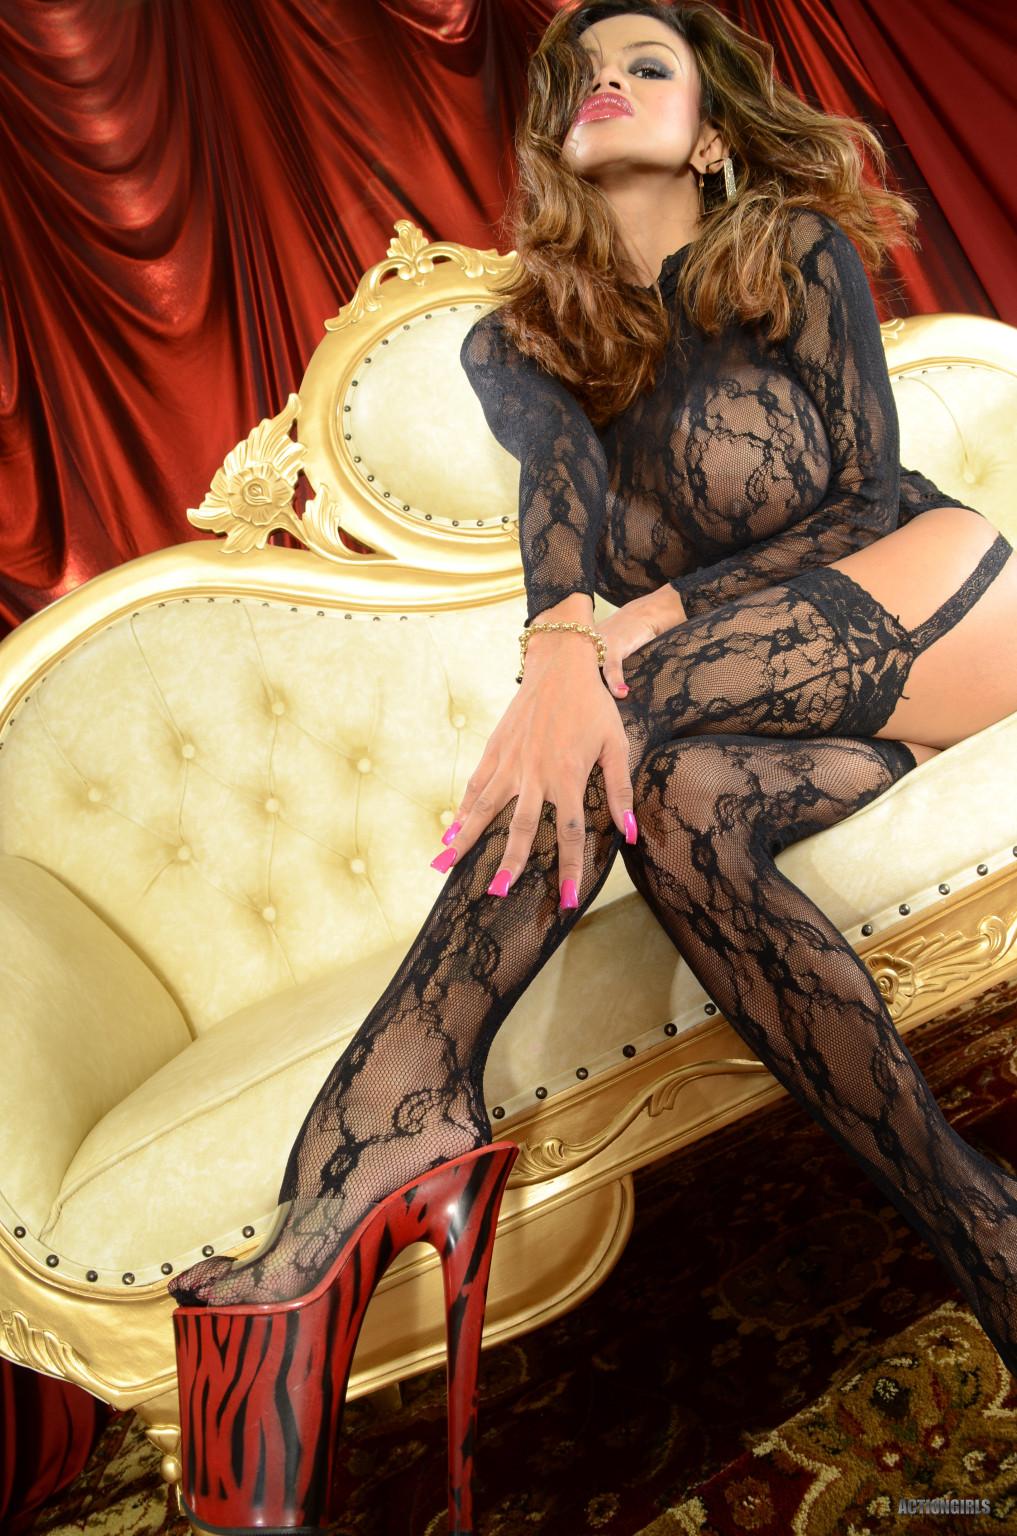 Шикарная Арми Флоренс с большими дойками не хочет выставлять их напоказ, поэтому прикрывает блузкой